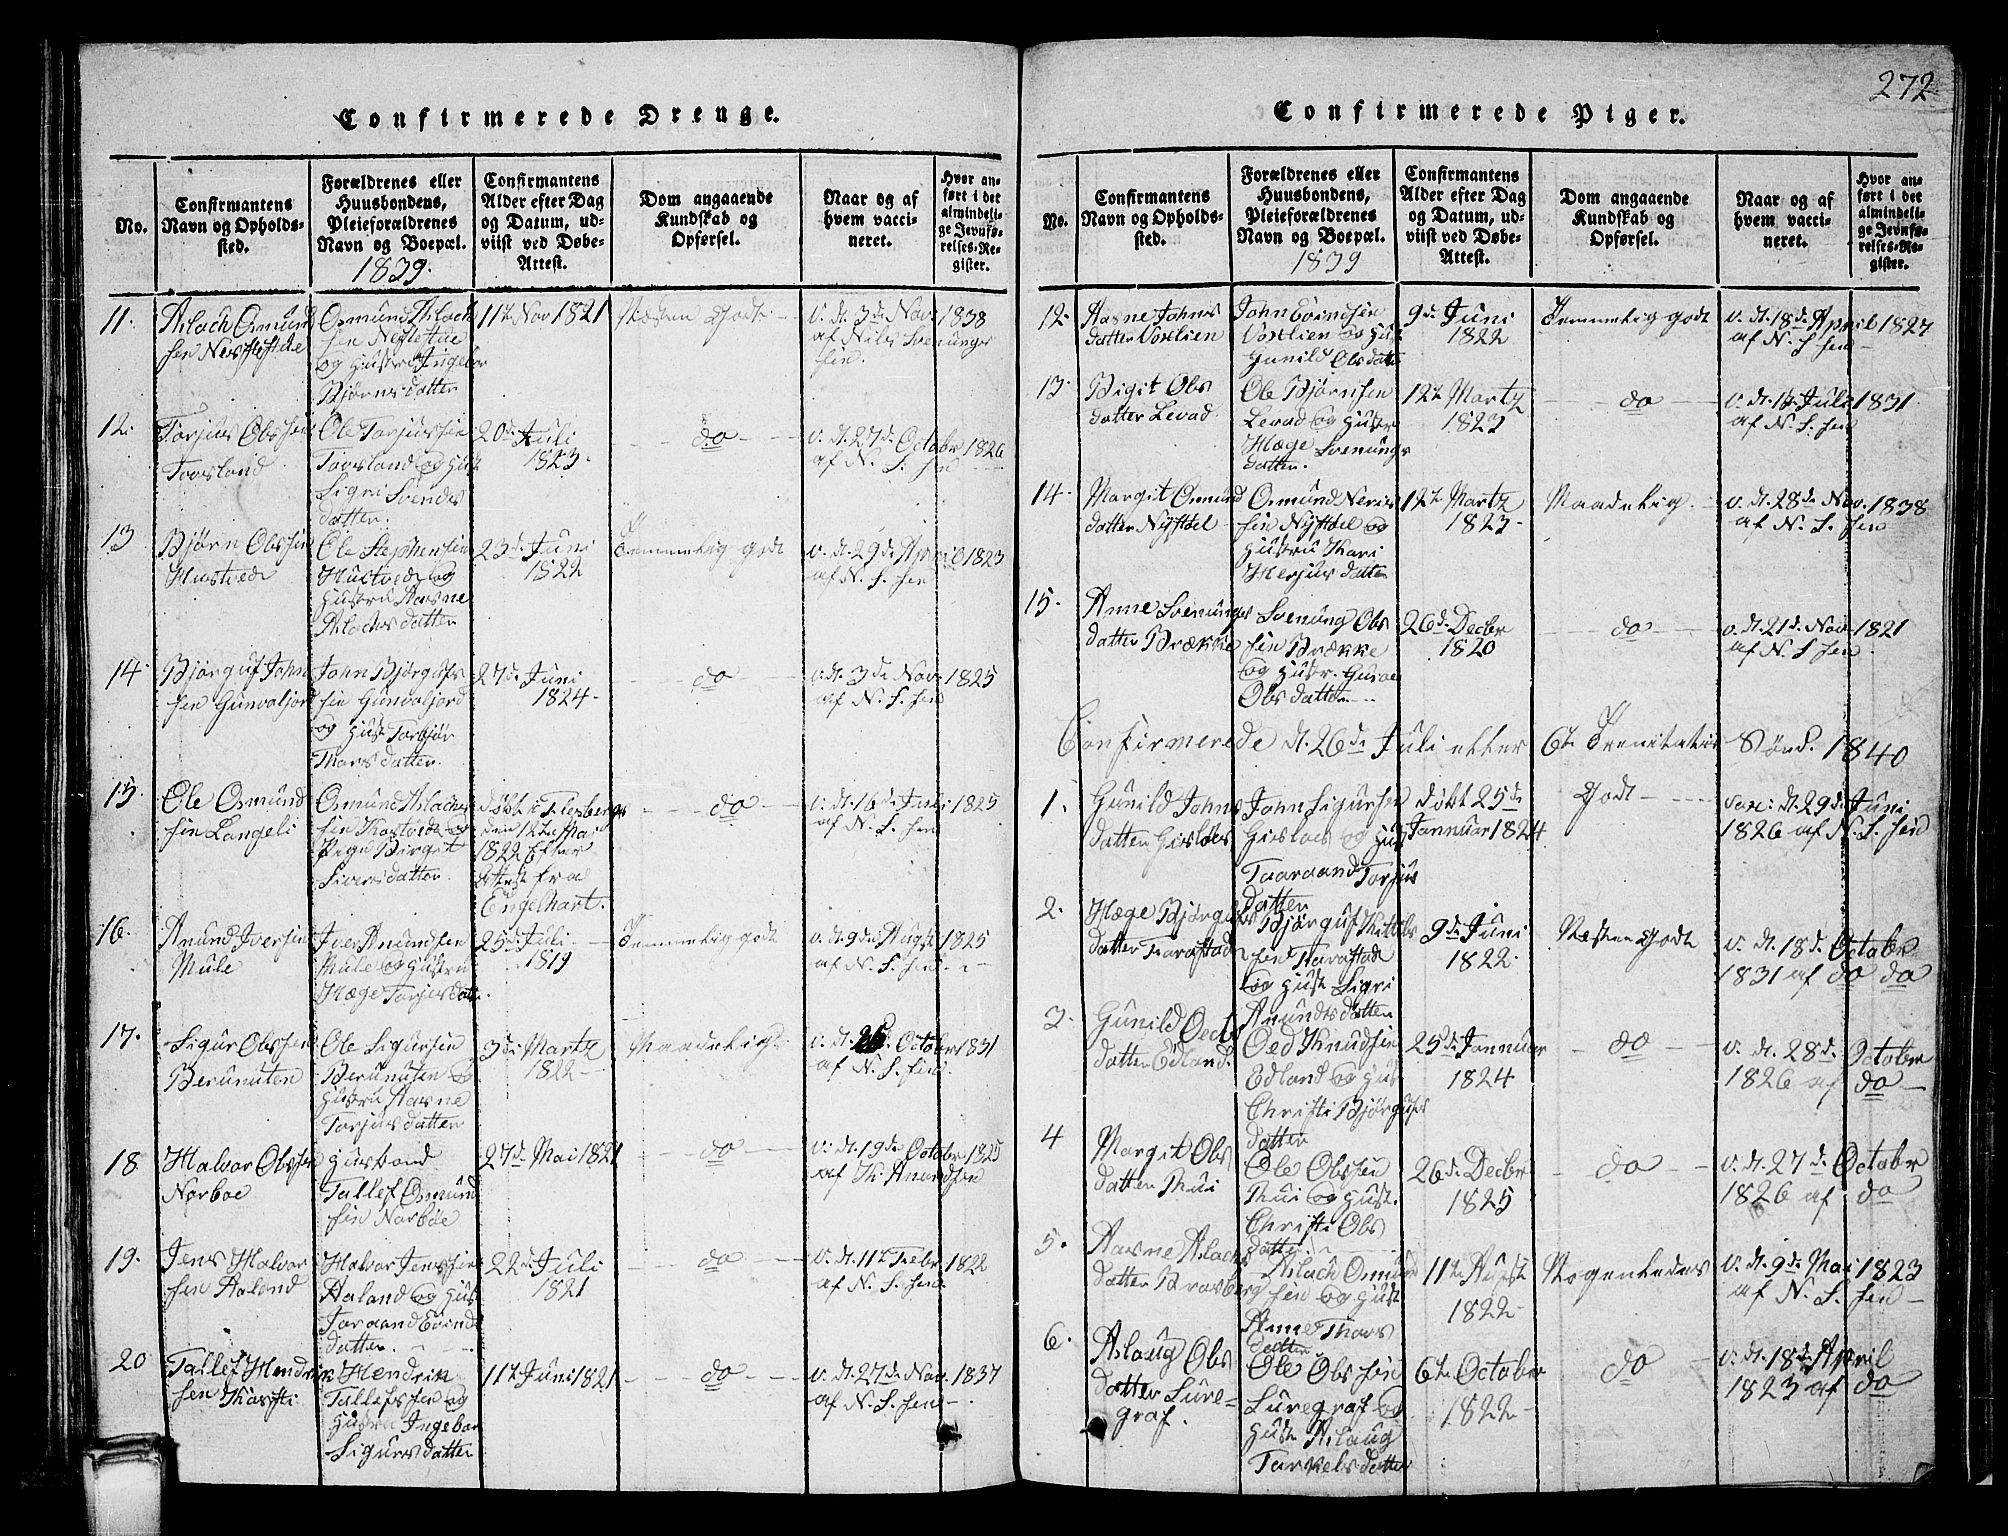 SAKO, Vinje kirkebøker, G/Ga/L0001: Klokkerbok nr. I 1, 1814-1843, s. 272